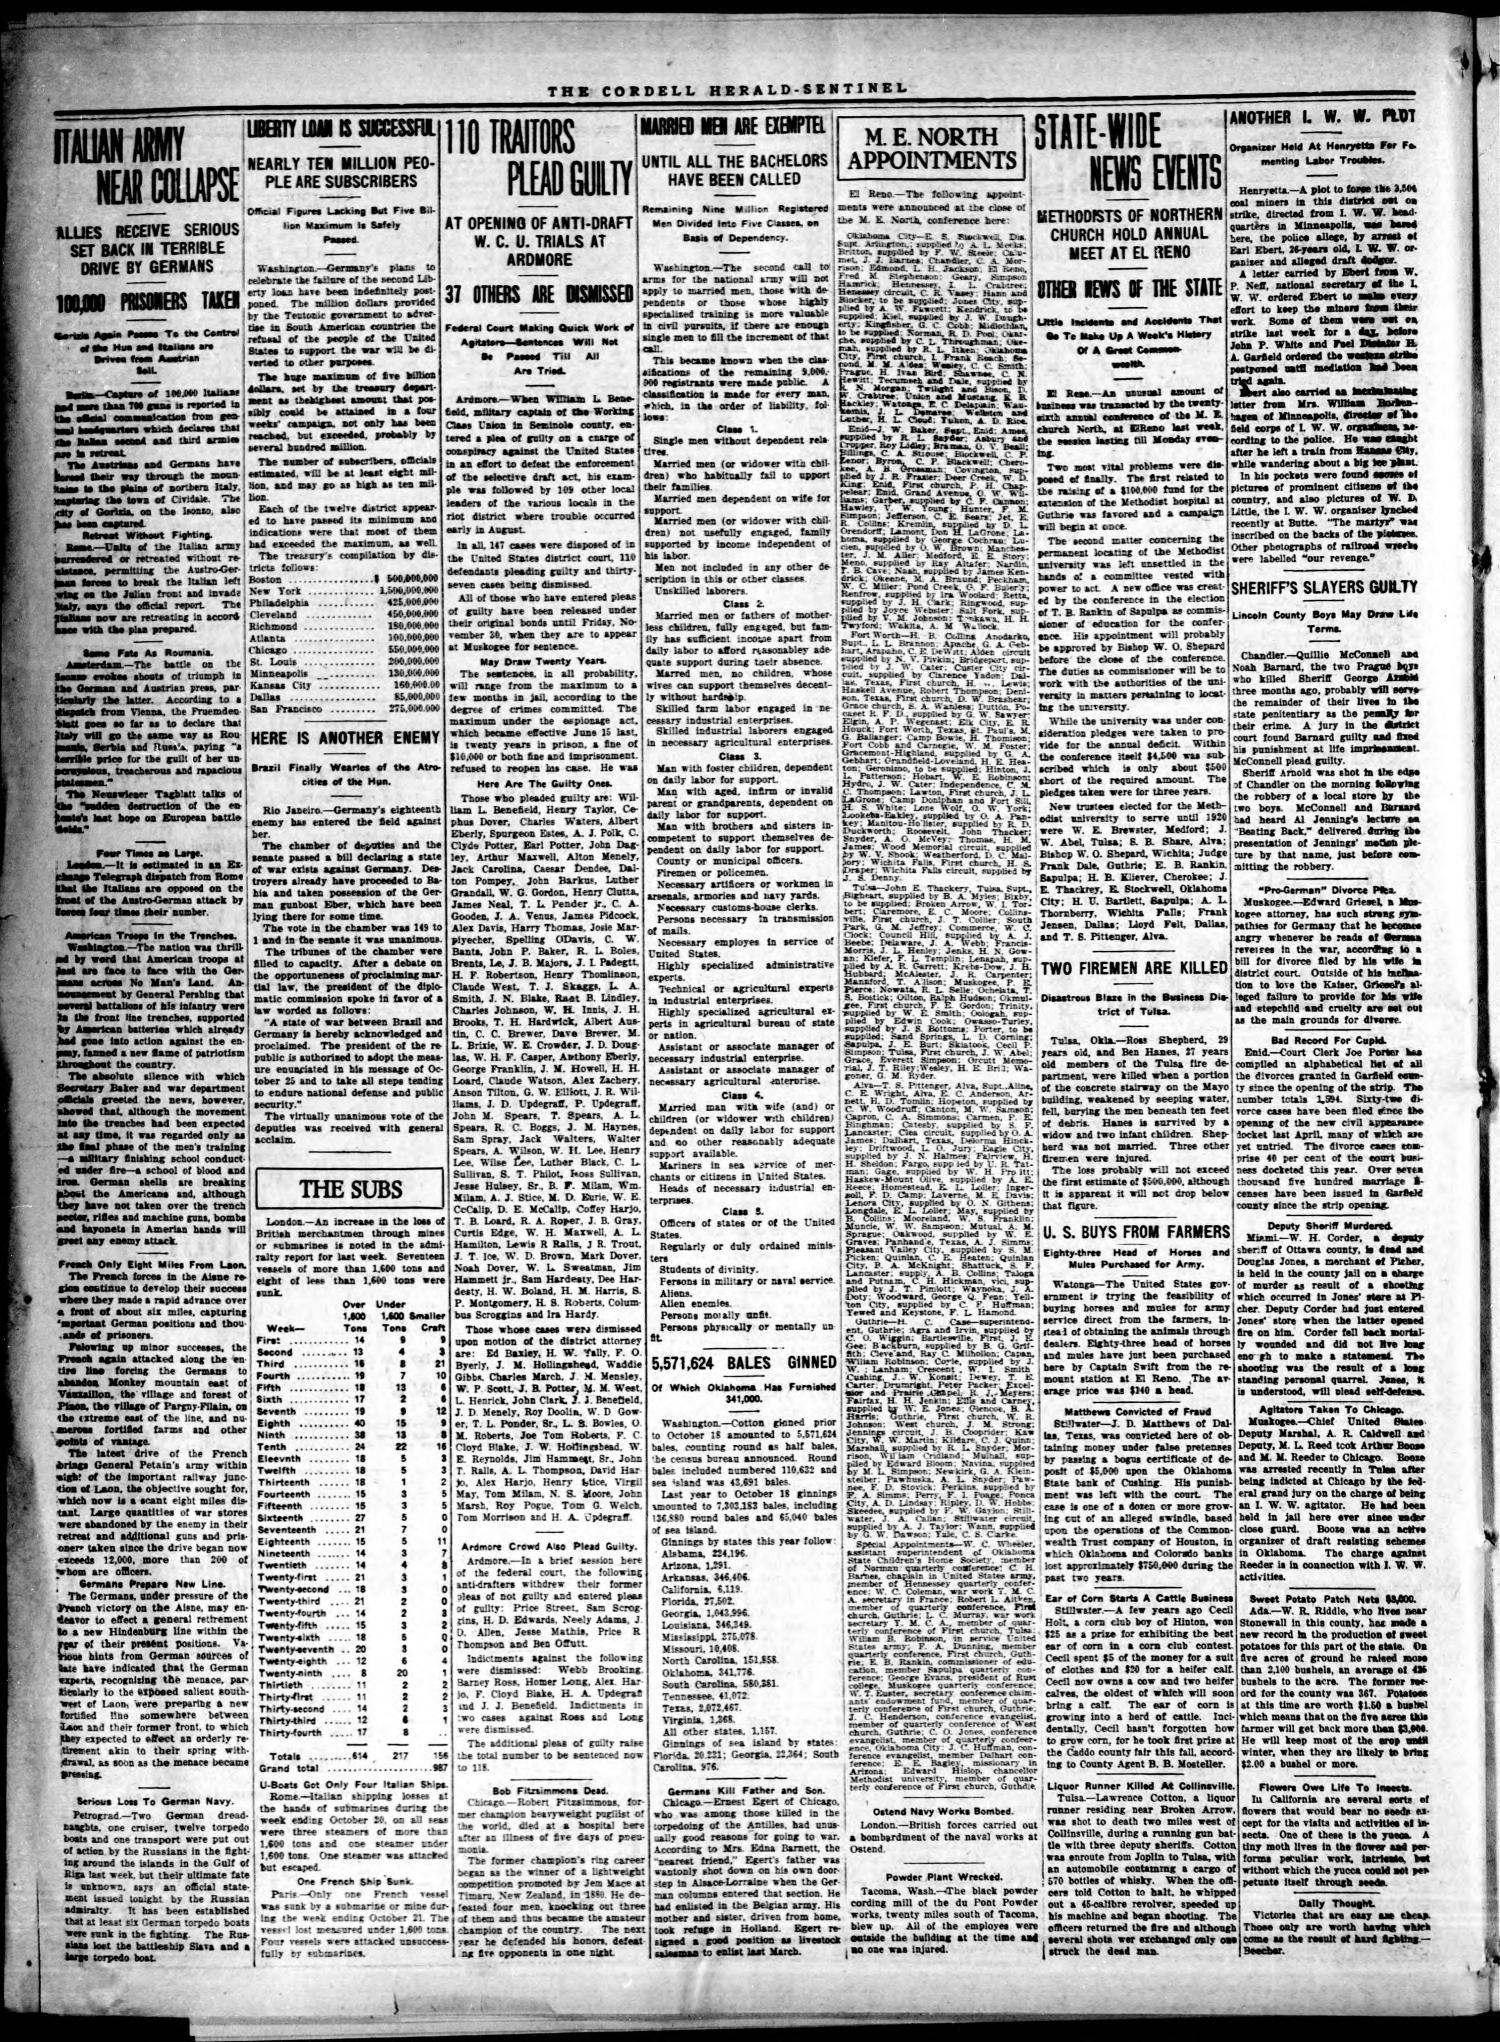 The Herald-Sentinel  (Cordell, Okla ), Vol  25, No  6, Ed  1